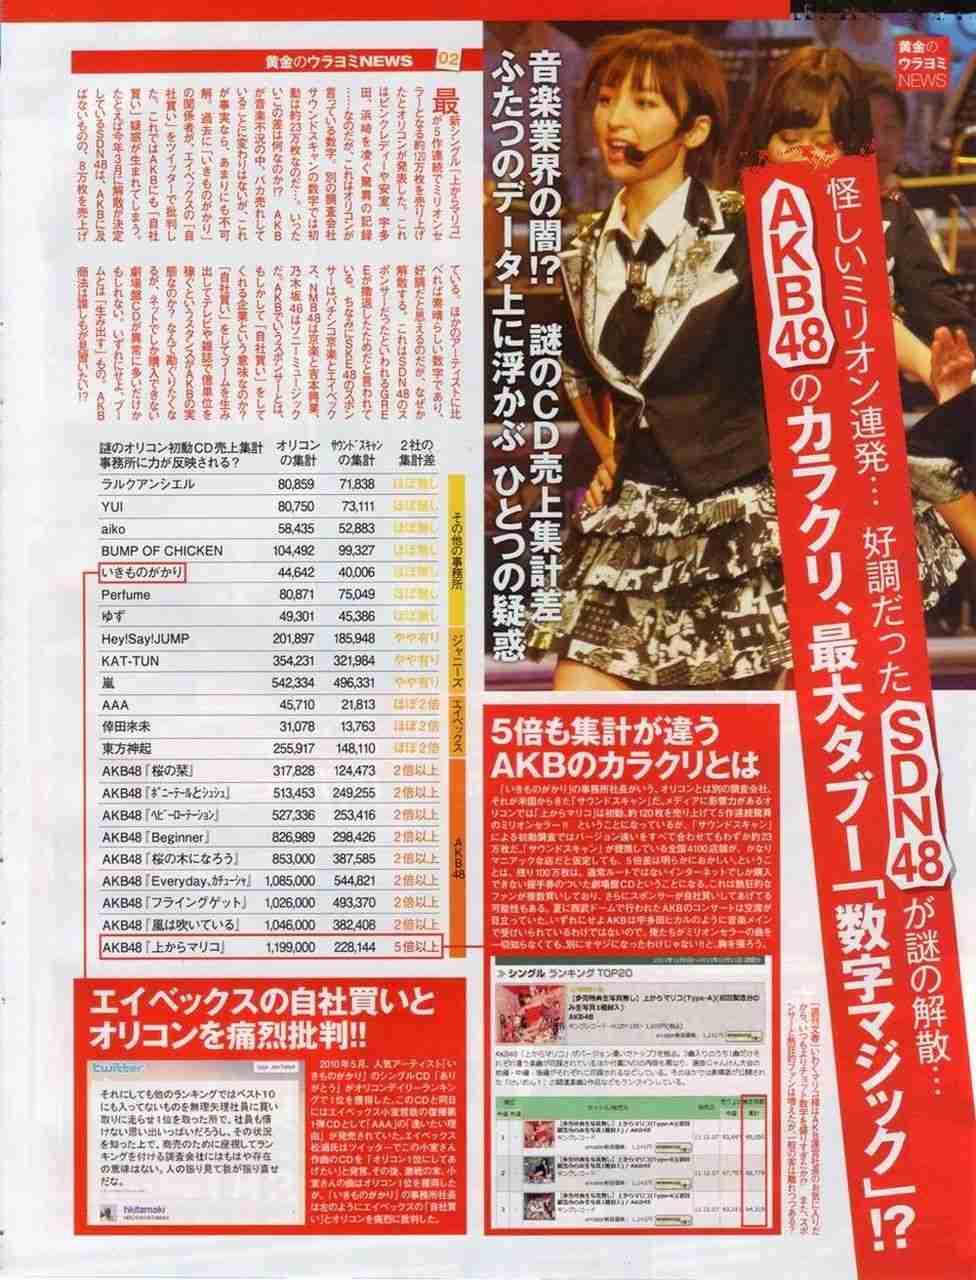 国民的アイドルAKB48のCD売り上げ工作が判明wwww